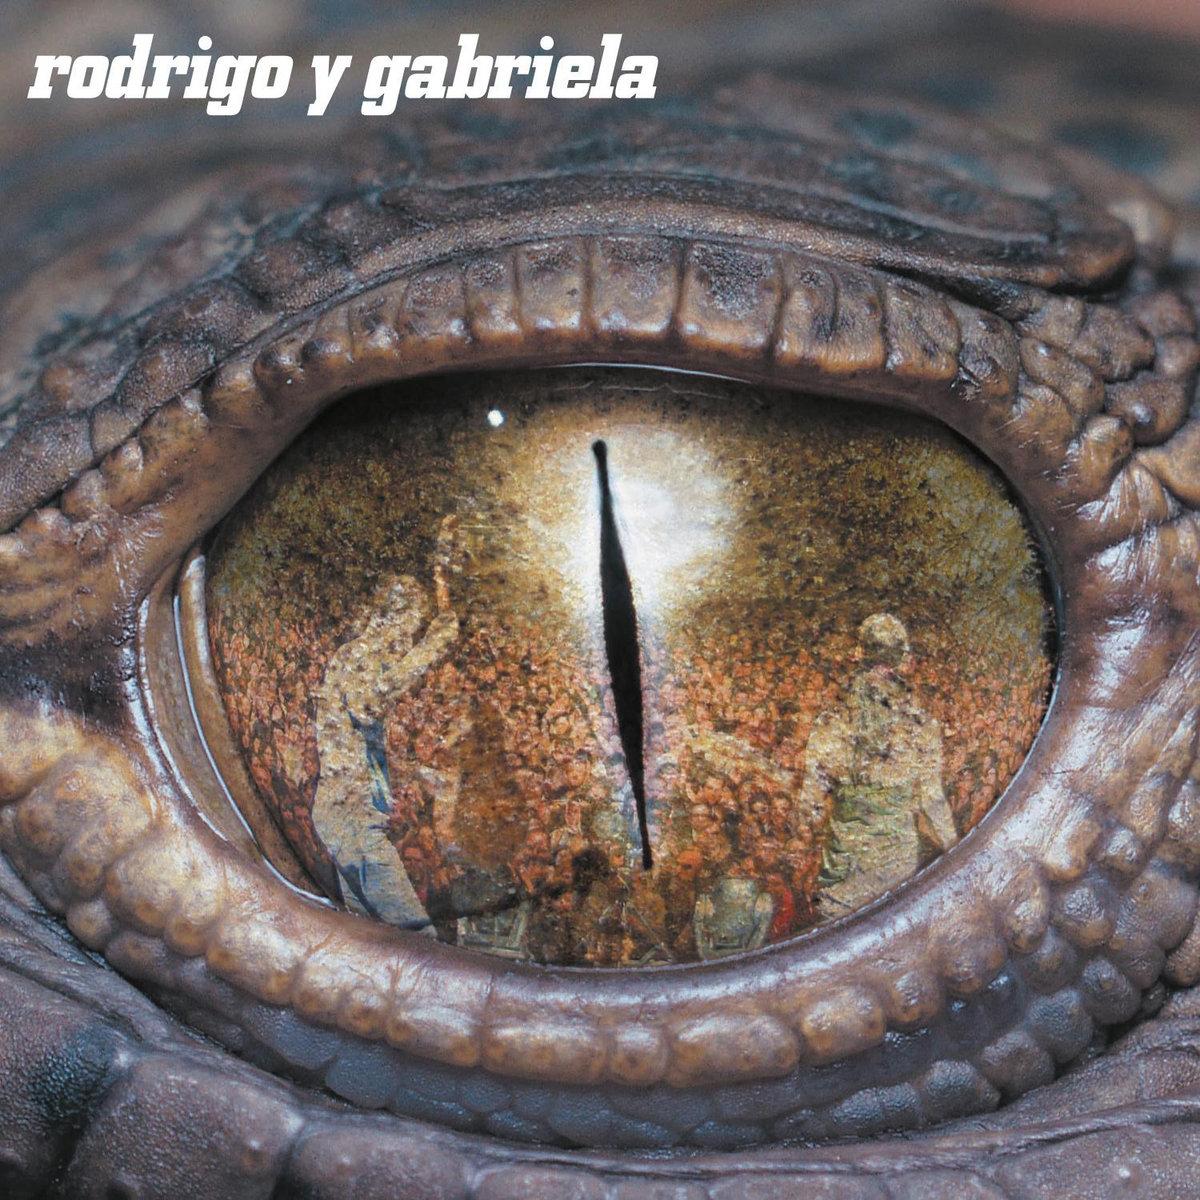 Rodrigo y gabriela digital download | shop the rodrigo y gabriela.